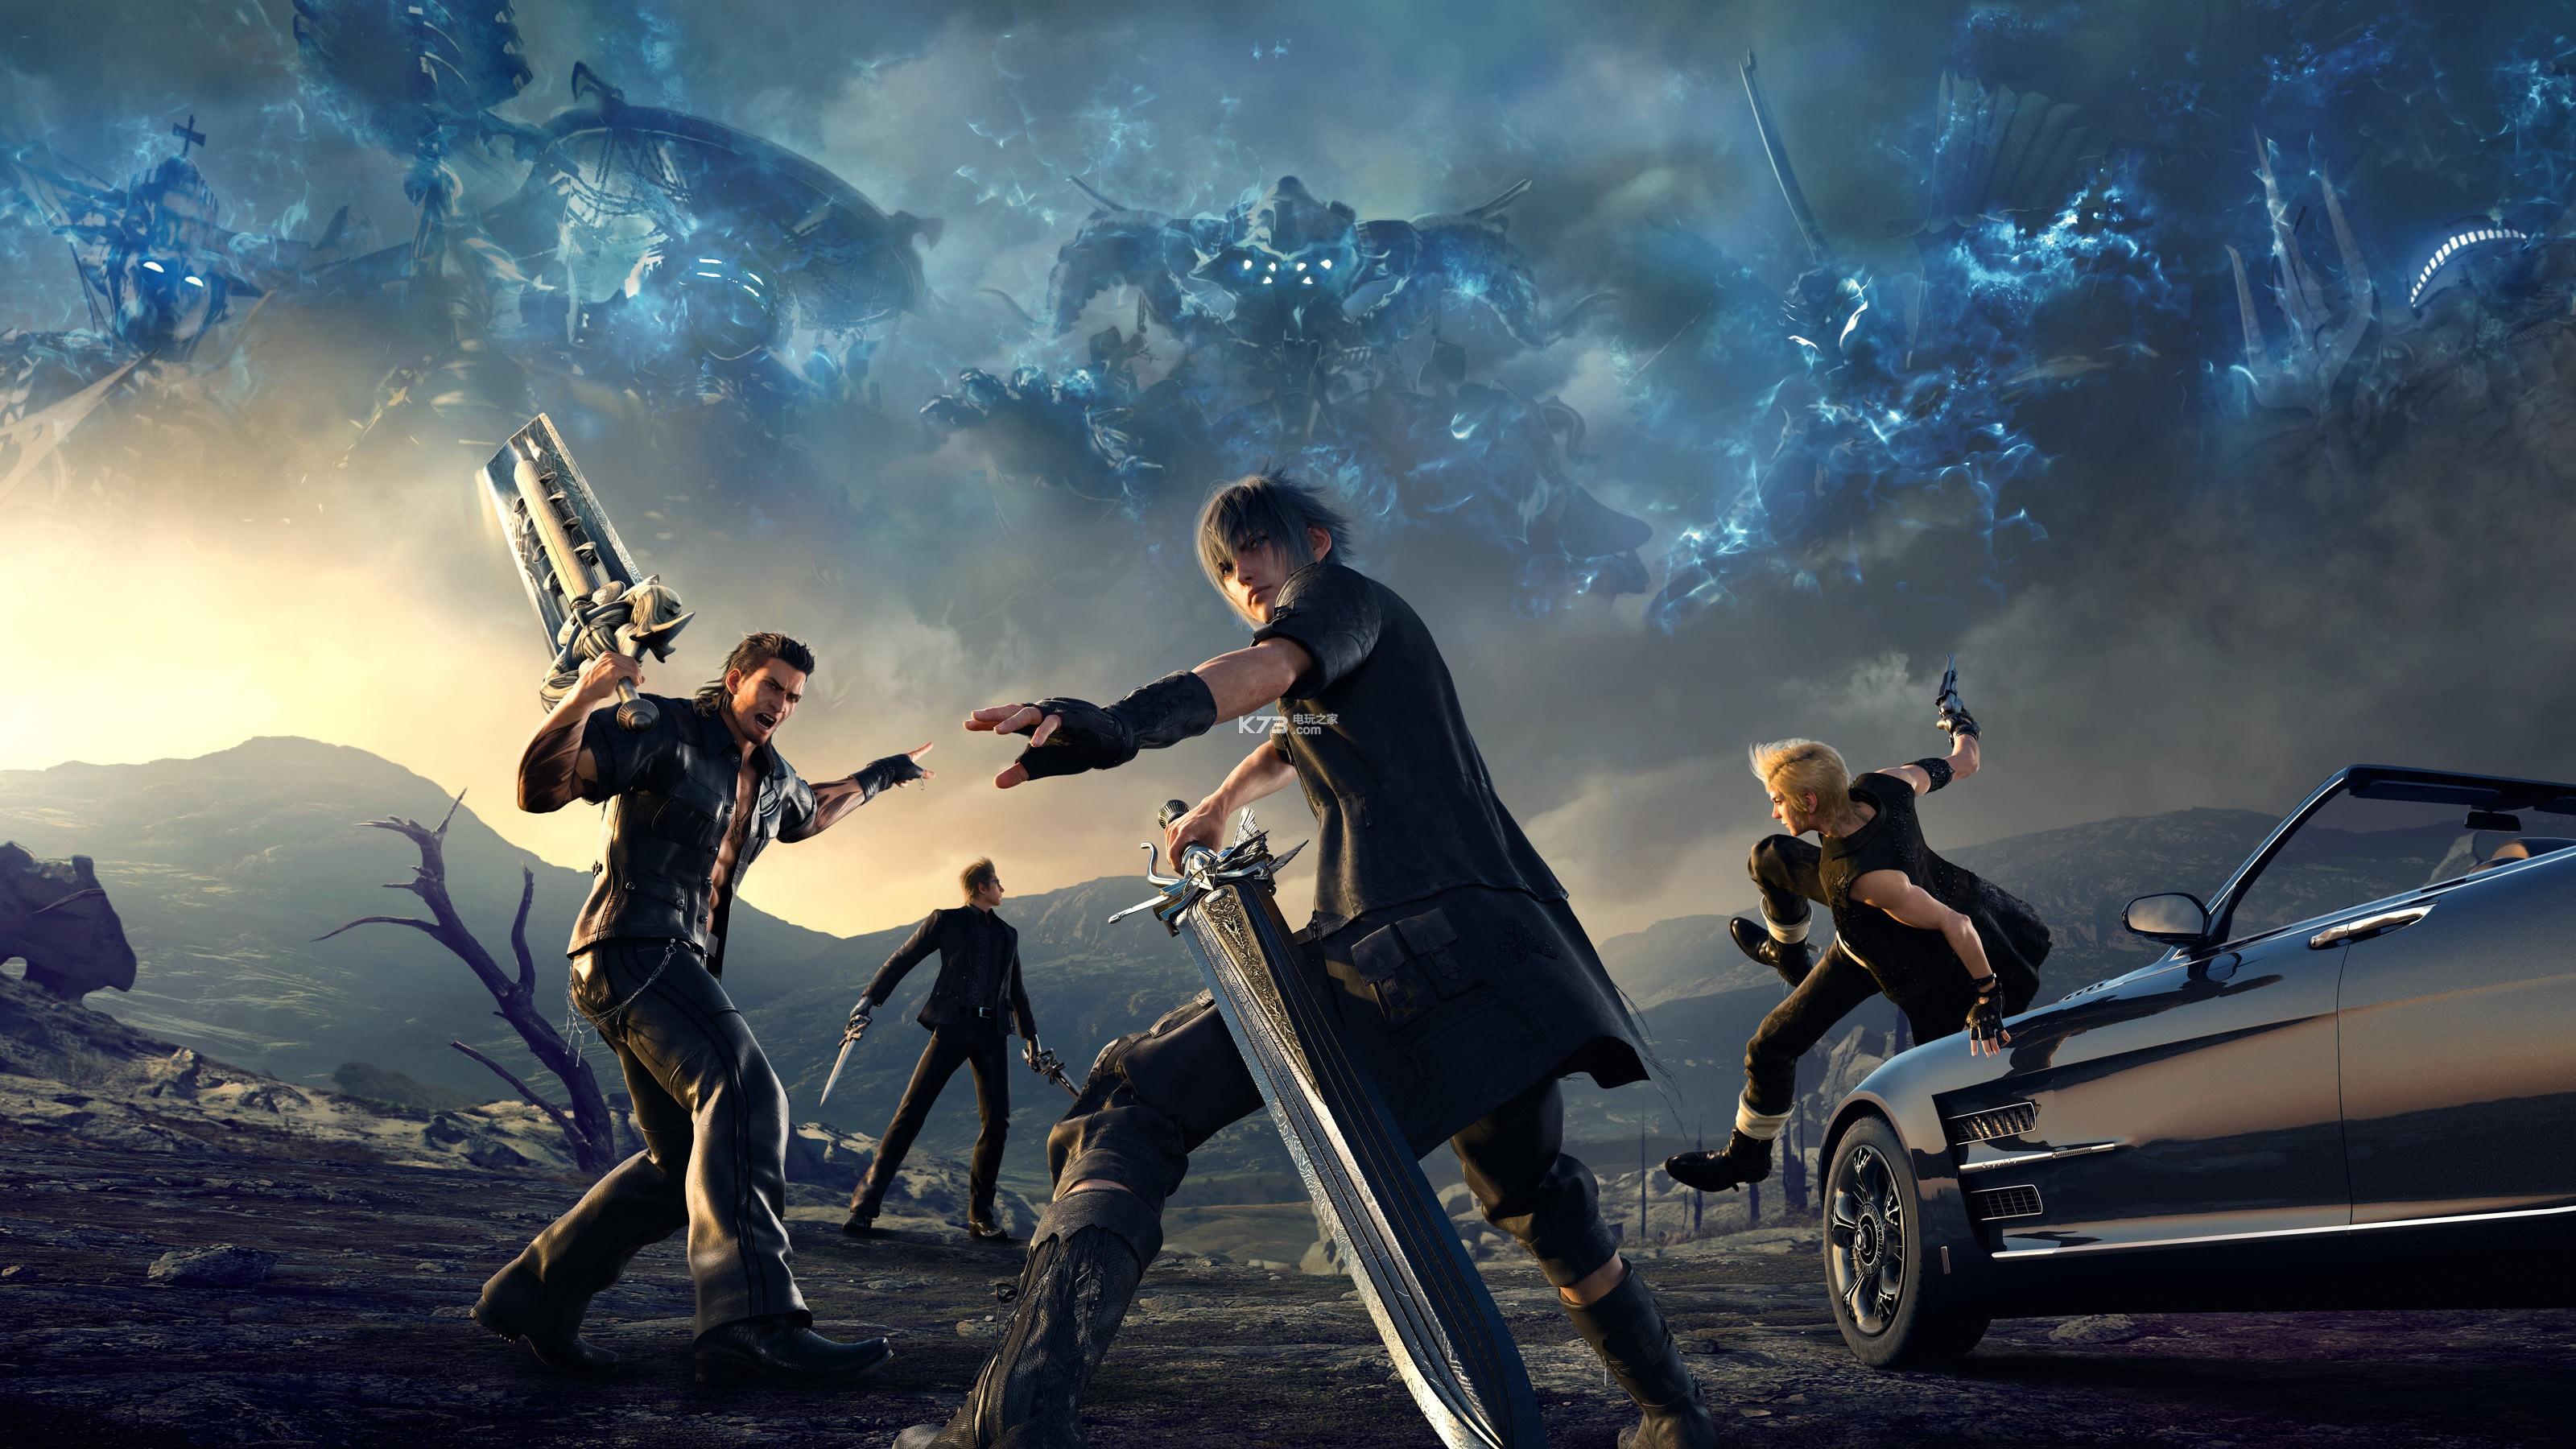 《最终幻想15》更新时程表短中长期免费更新